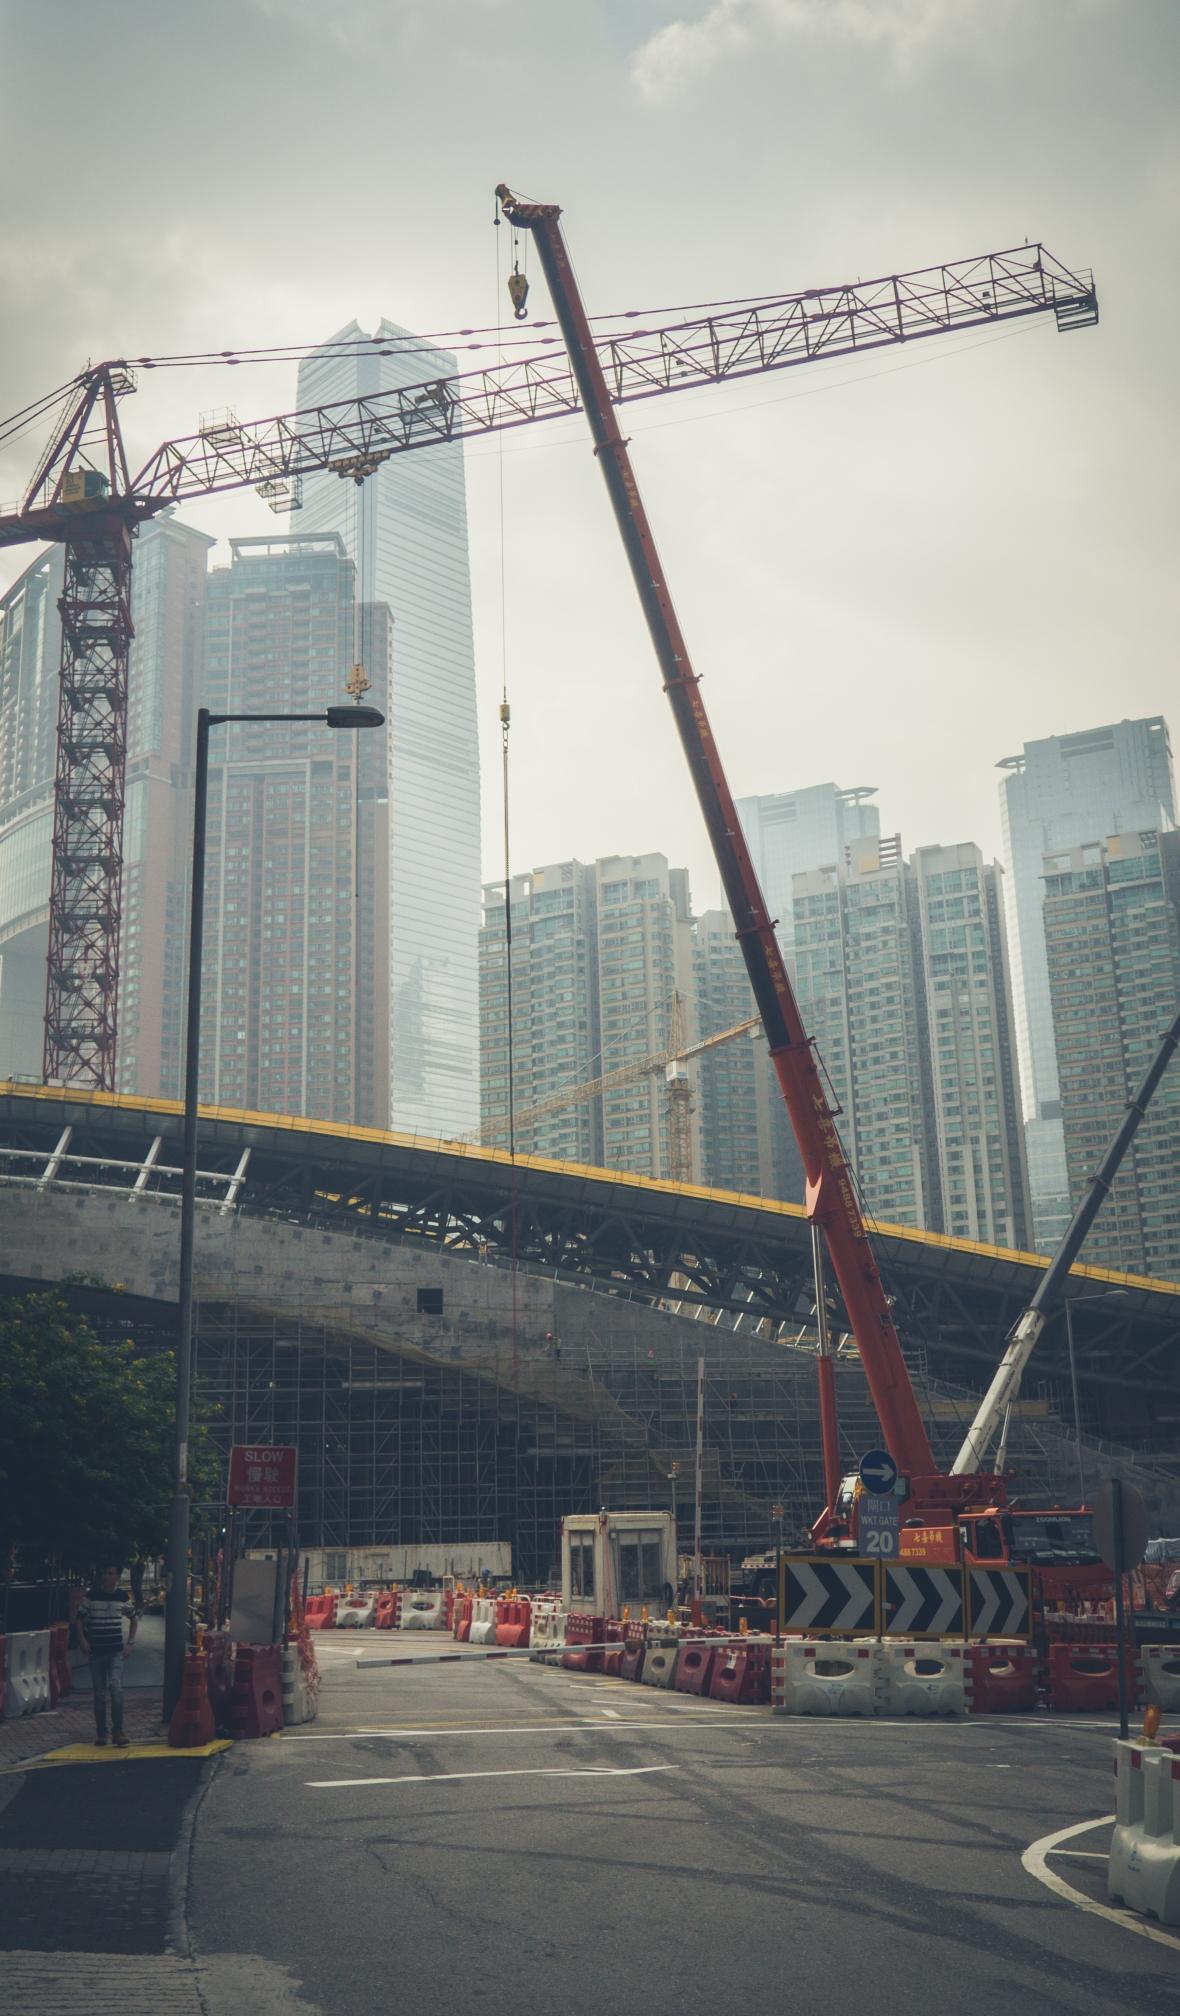 2016-10-20 Tsim Sha Tsui to West Kowloon-21